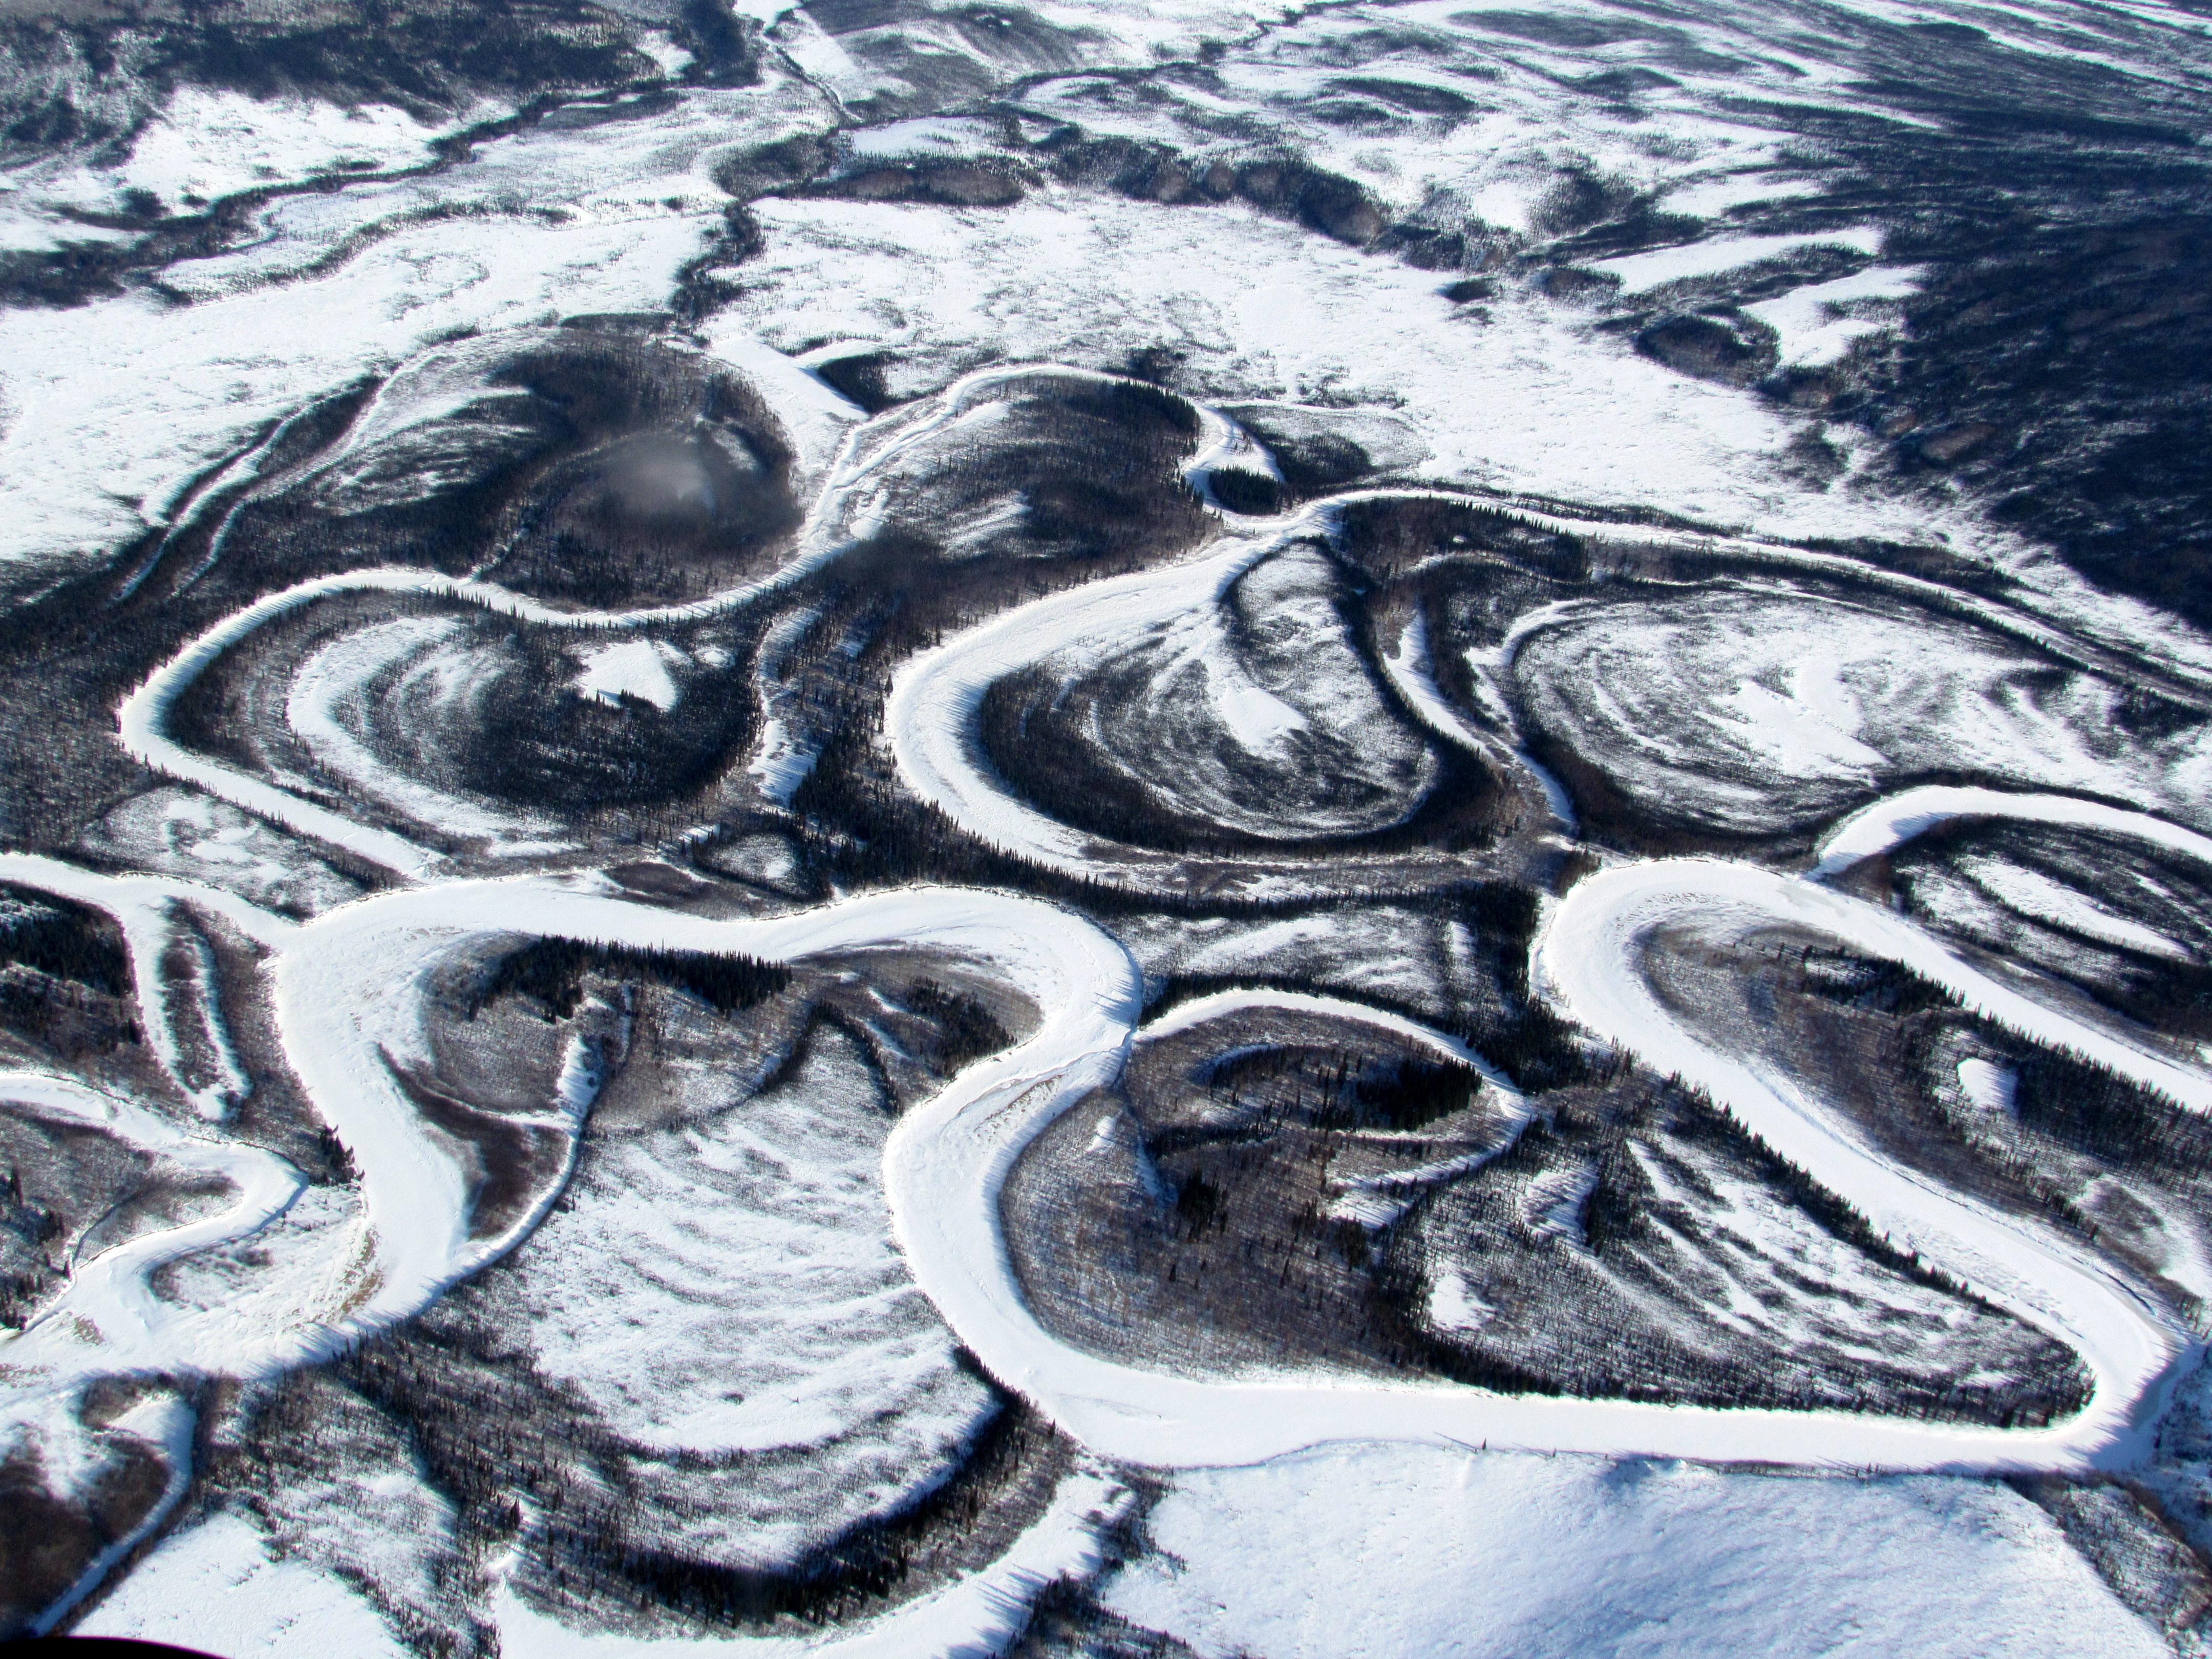 Río congelado, en Alaska.